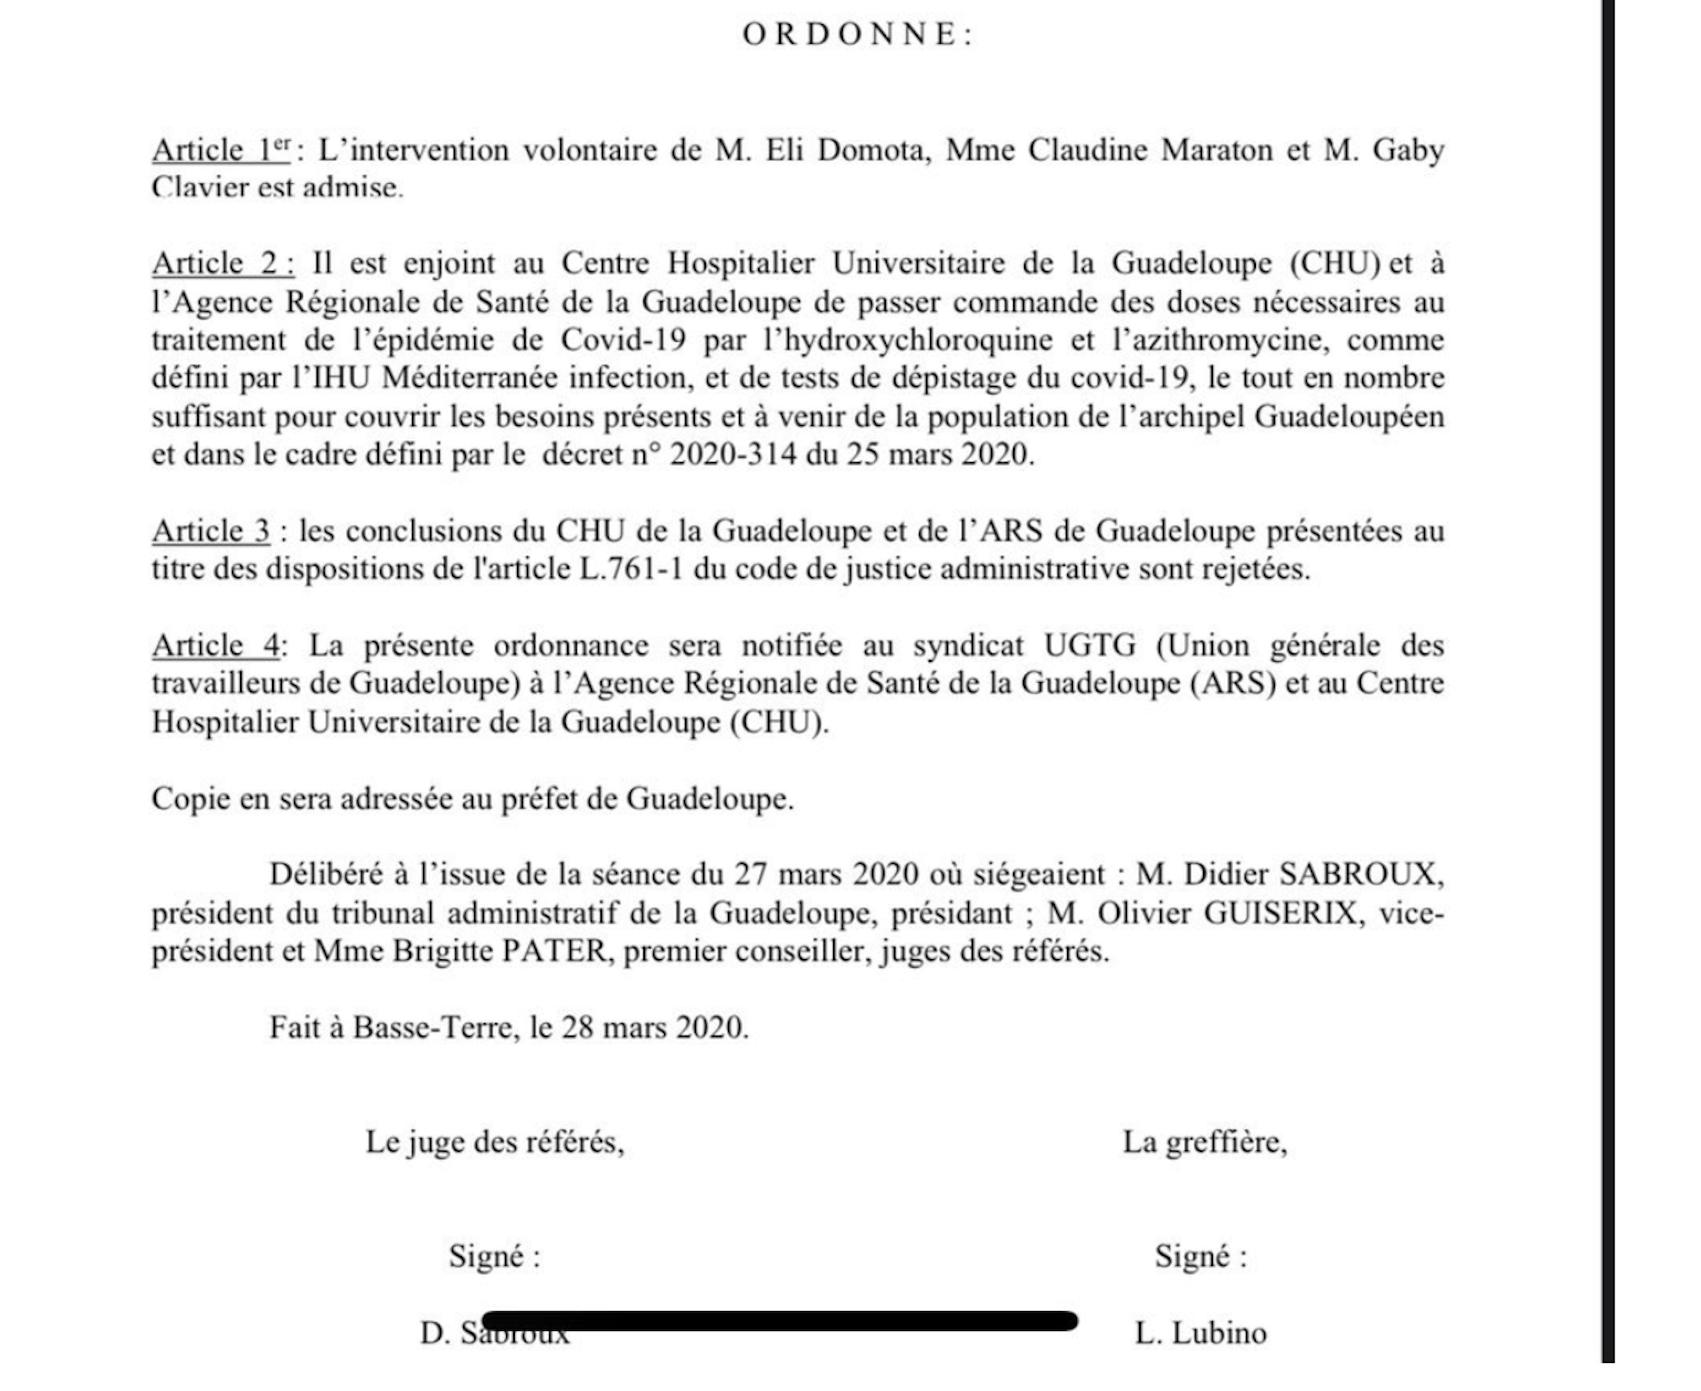 Enorme, le tribunal administratif de Guadeloupe oblige les médecins à donner de la chloroquine aux malades !